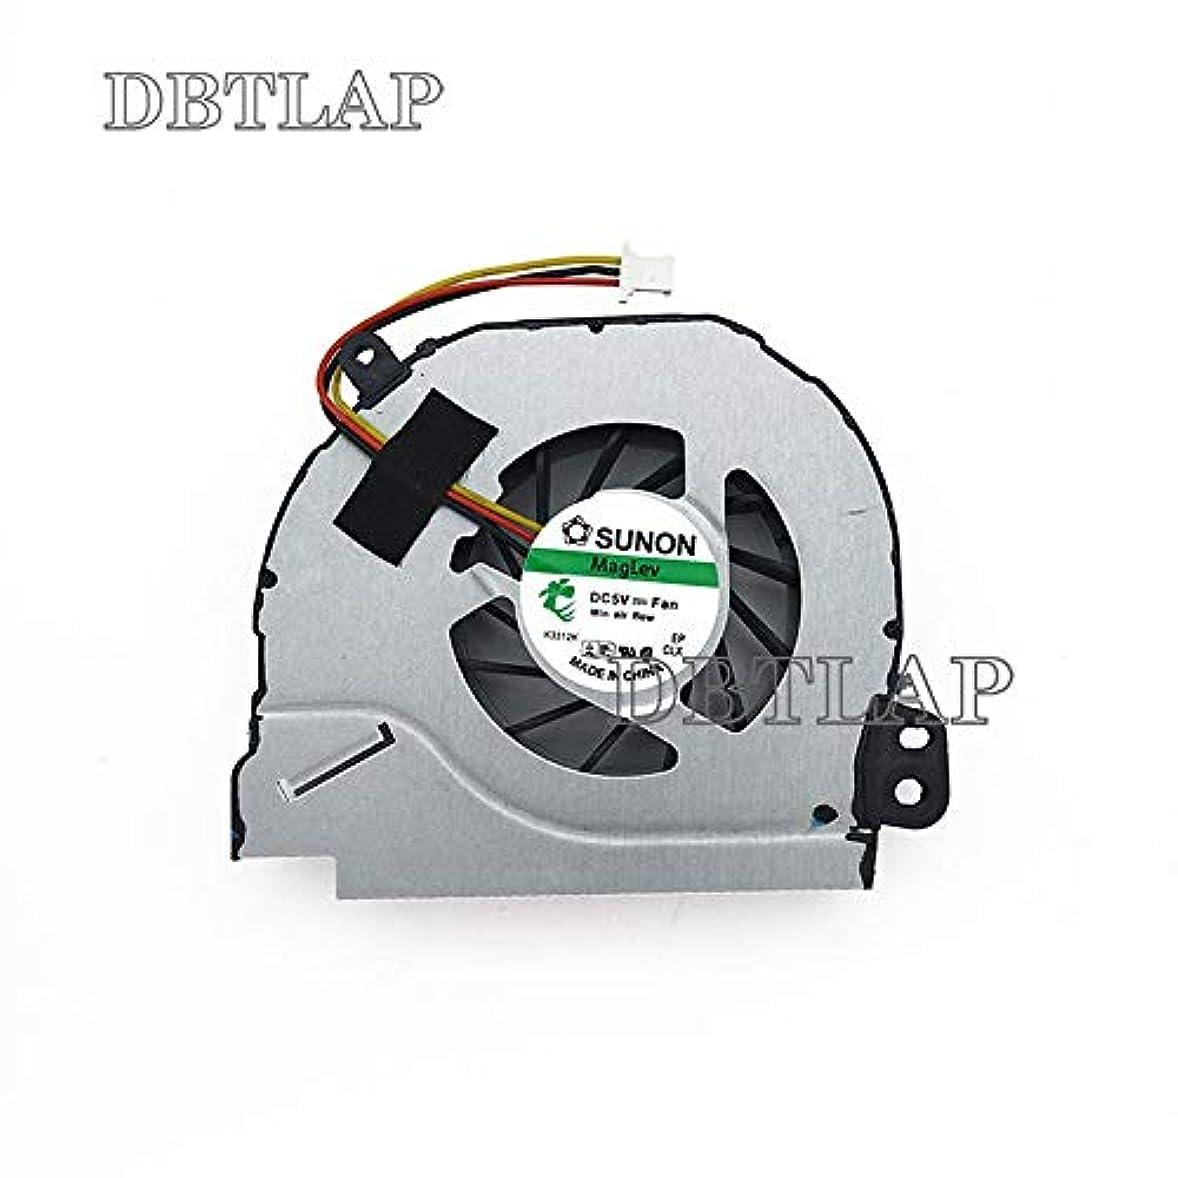 見せますなんでも尊敬DBTLAP 新 cpu 冷却 ファン 用 DELL Inspiron 14R M421R M521R P33G MF75120V1-C120-G99